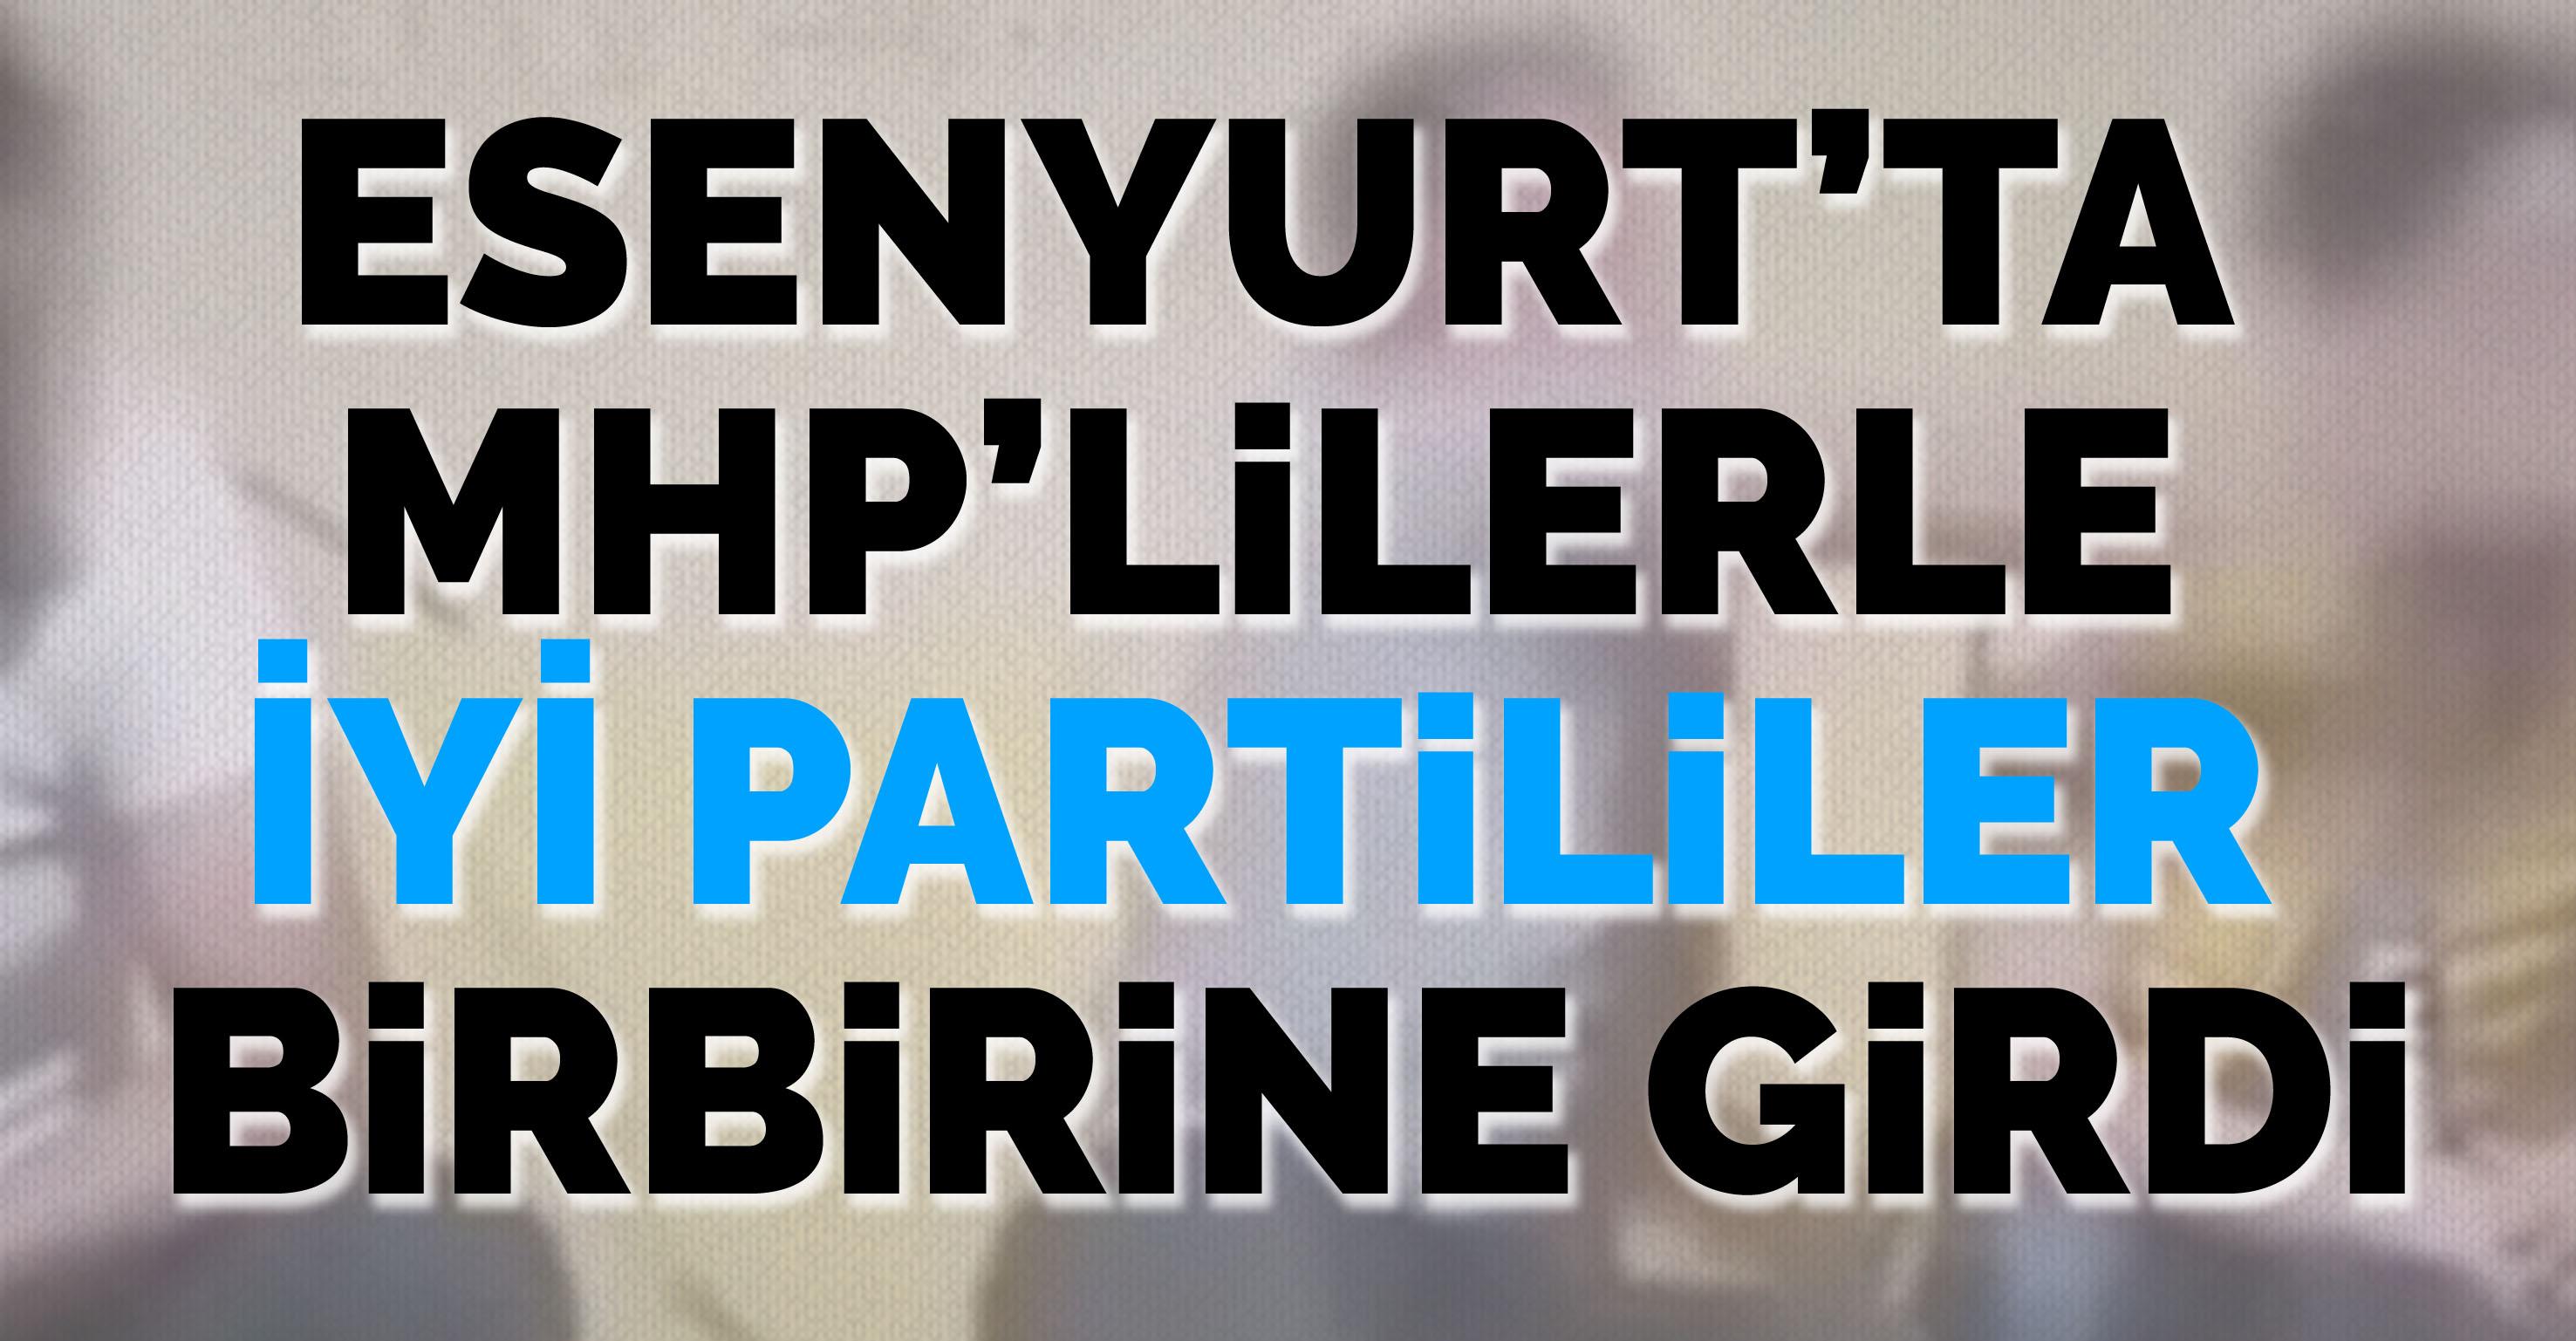 Esenyurt'ta MHP'lilerle İYİ Partililer birbirine girdi